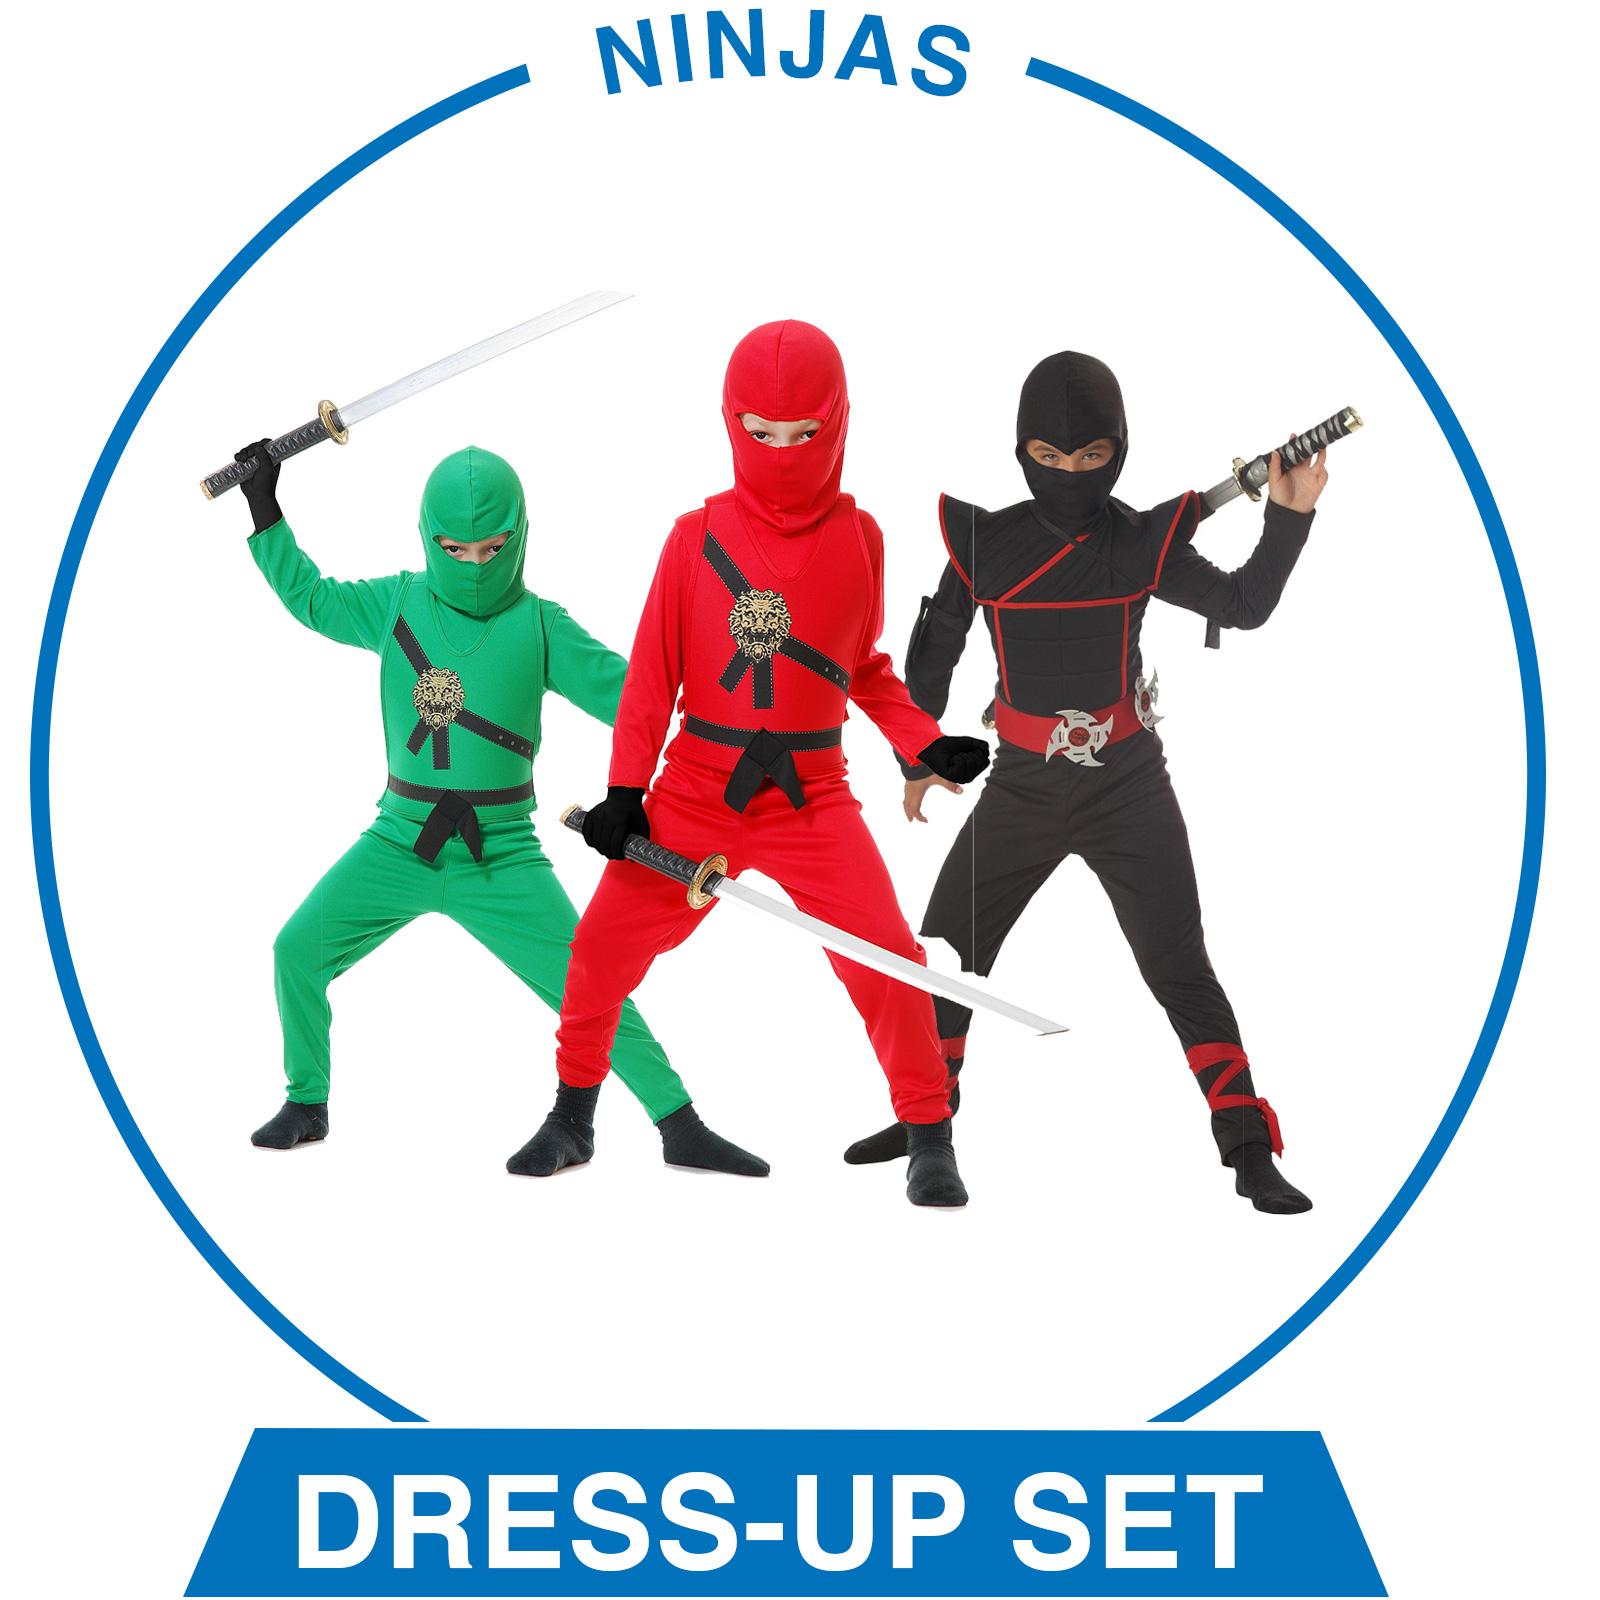 Ninjas Dress-Up Set - Boys